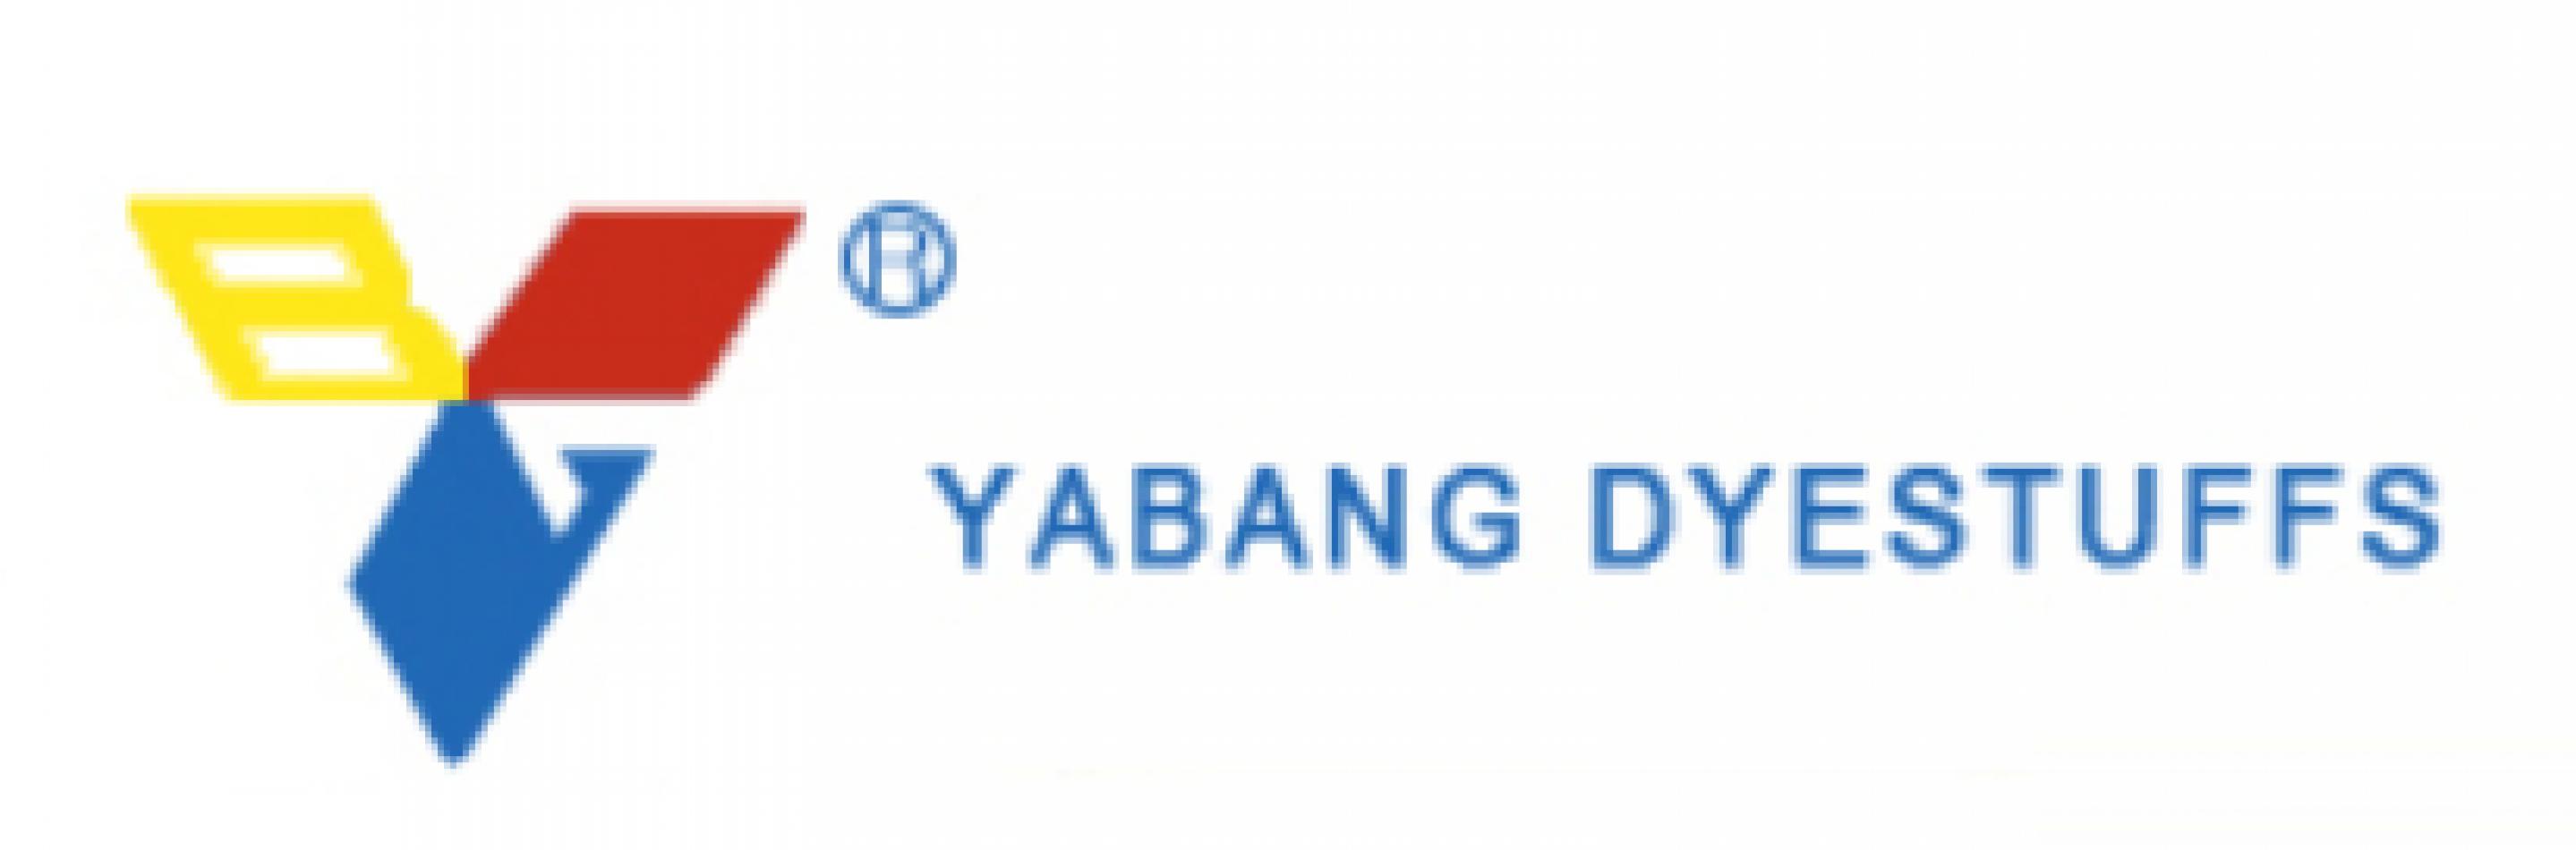 JIANGSU YABANG DYESTUFFS JOINT STOCK LIMITED COMPANY